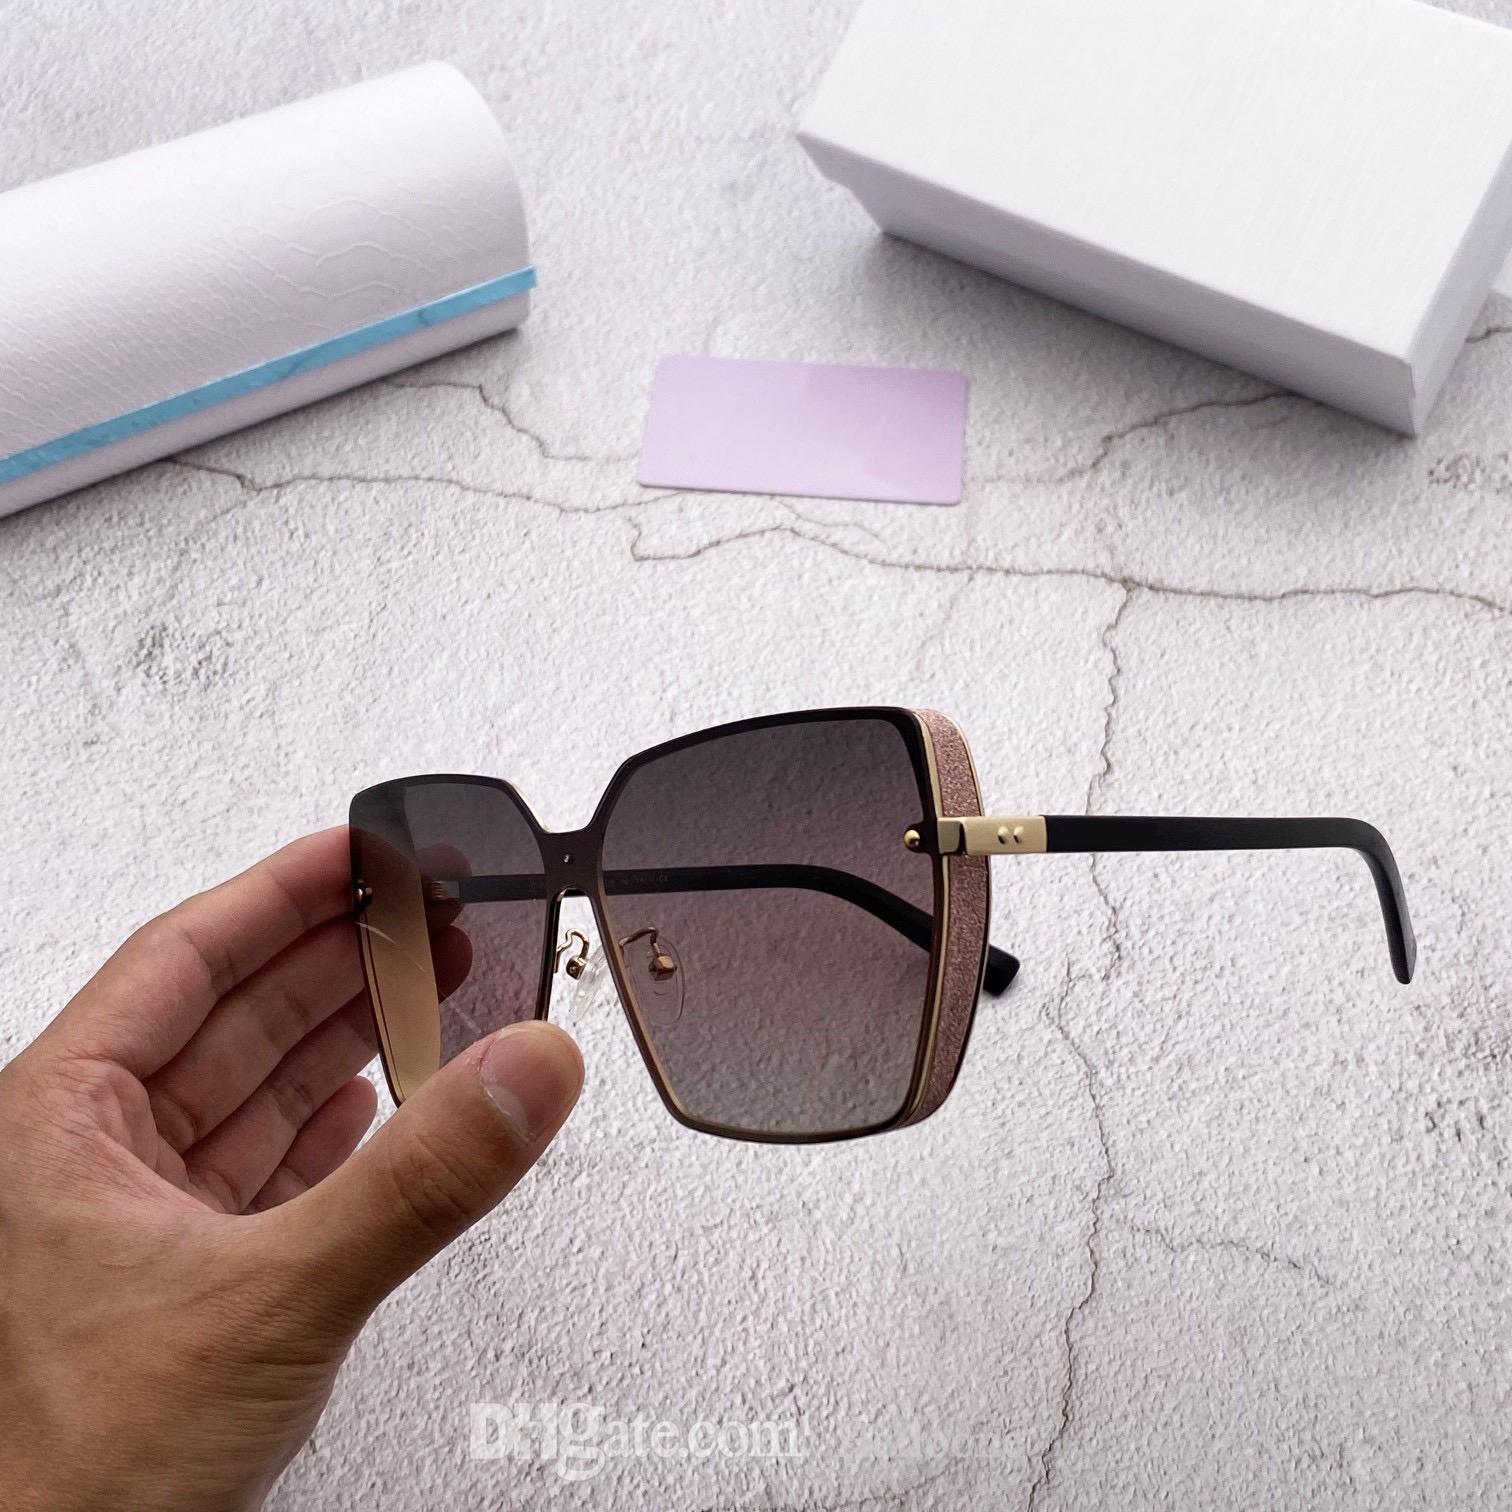 Erkekler Kadınlar için Klasik Tasarımcı Güneş Gözlüğü Vintage Pilot Marka UV400 Lüks Koruma Moda Ayna Boy Çerçeveleri Güneş Gözlükleri 1002 Mens Bayan Kılıf